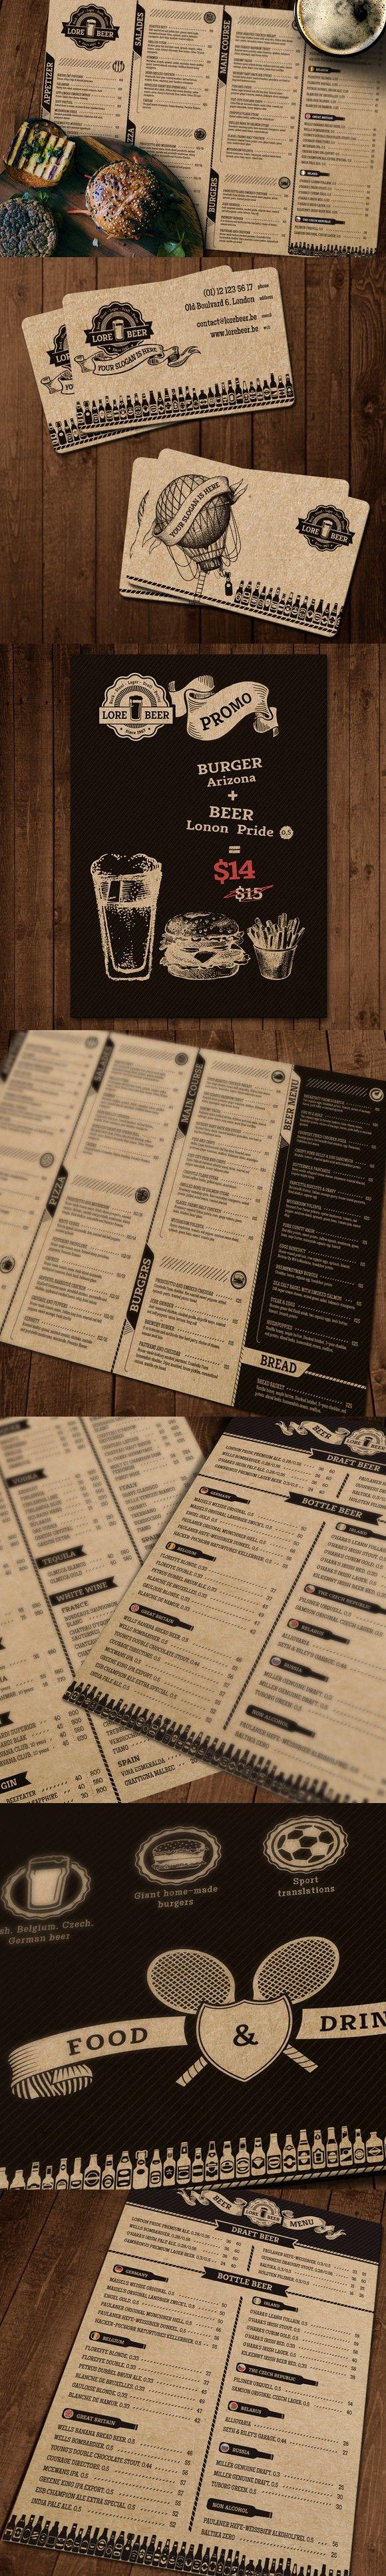 Lore Beer Pub menu layout